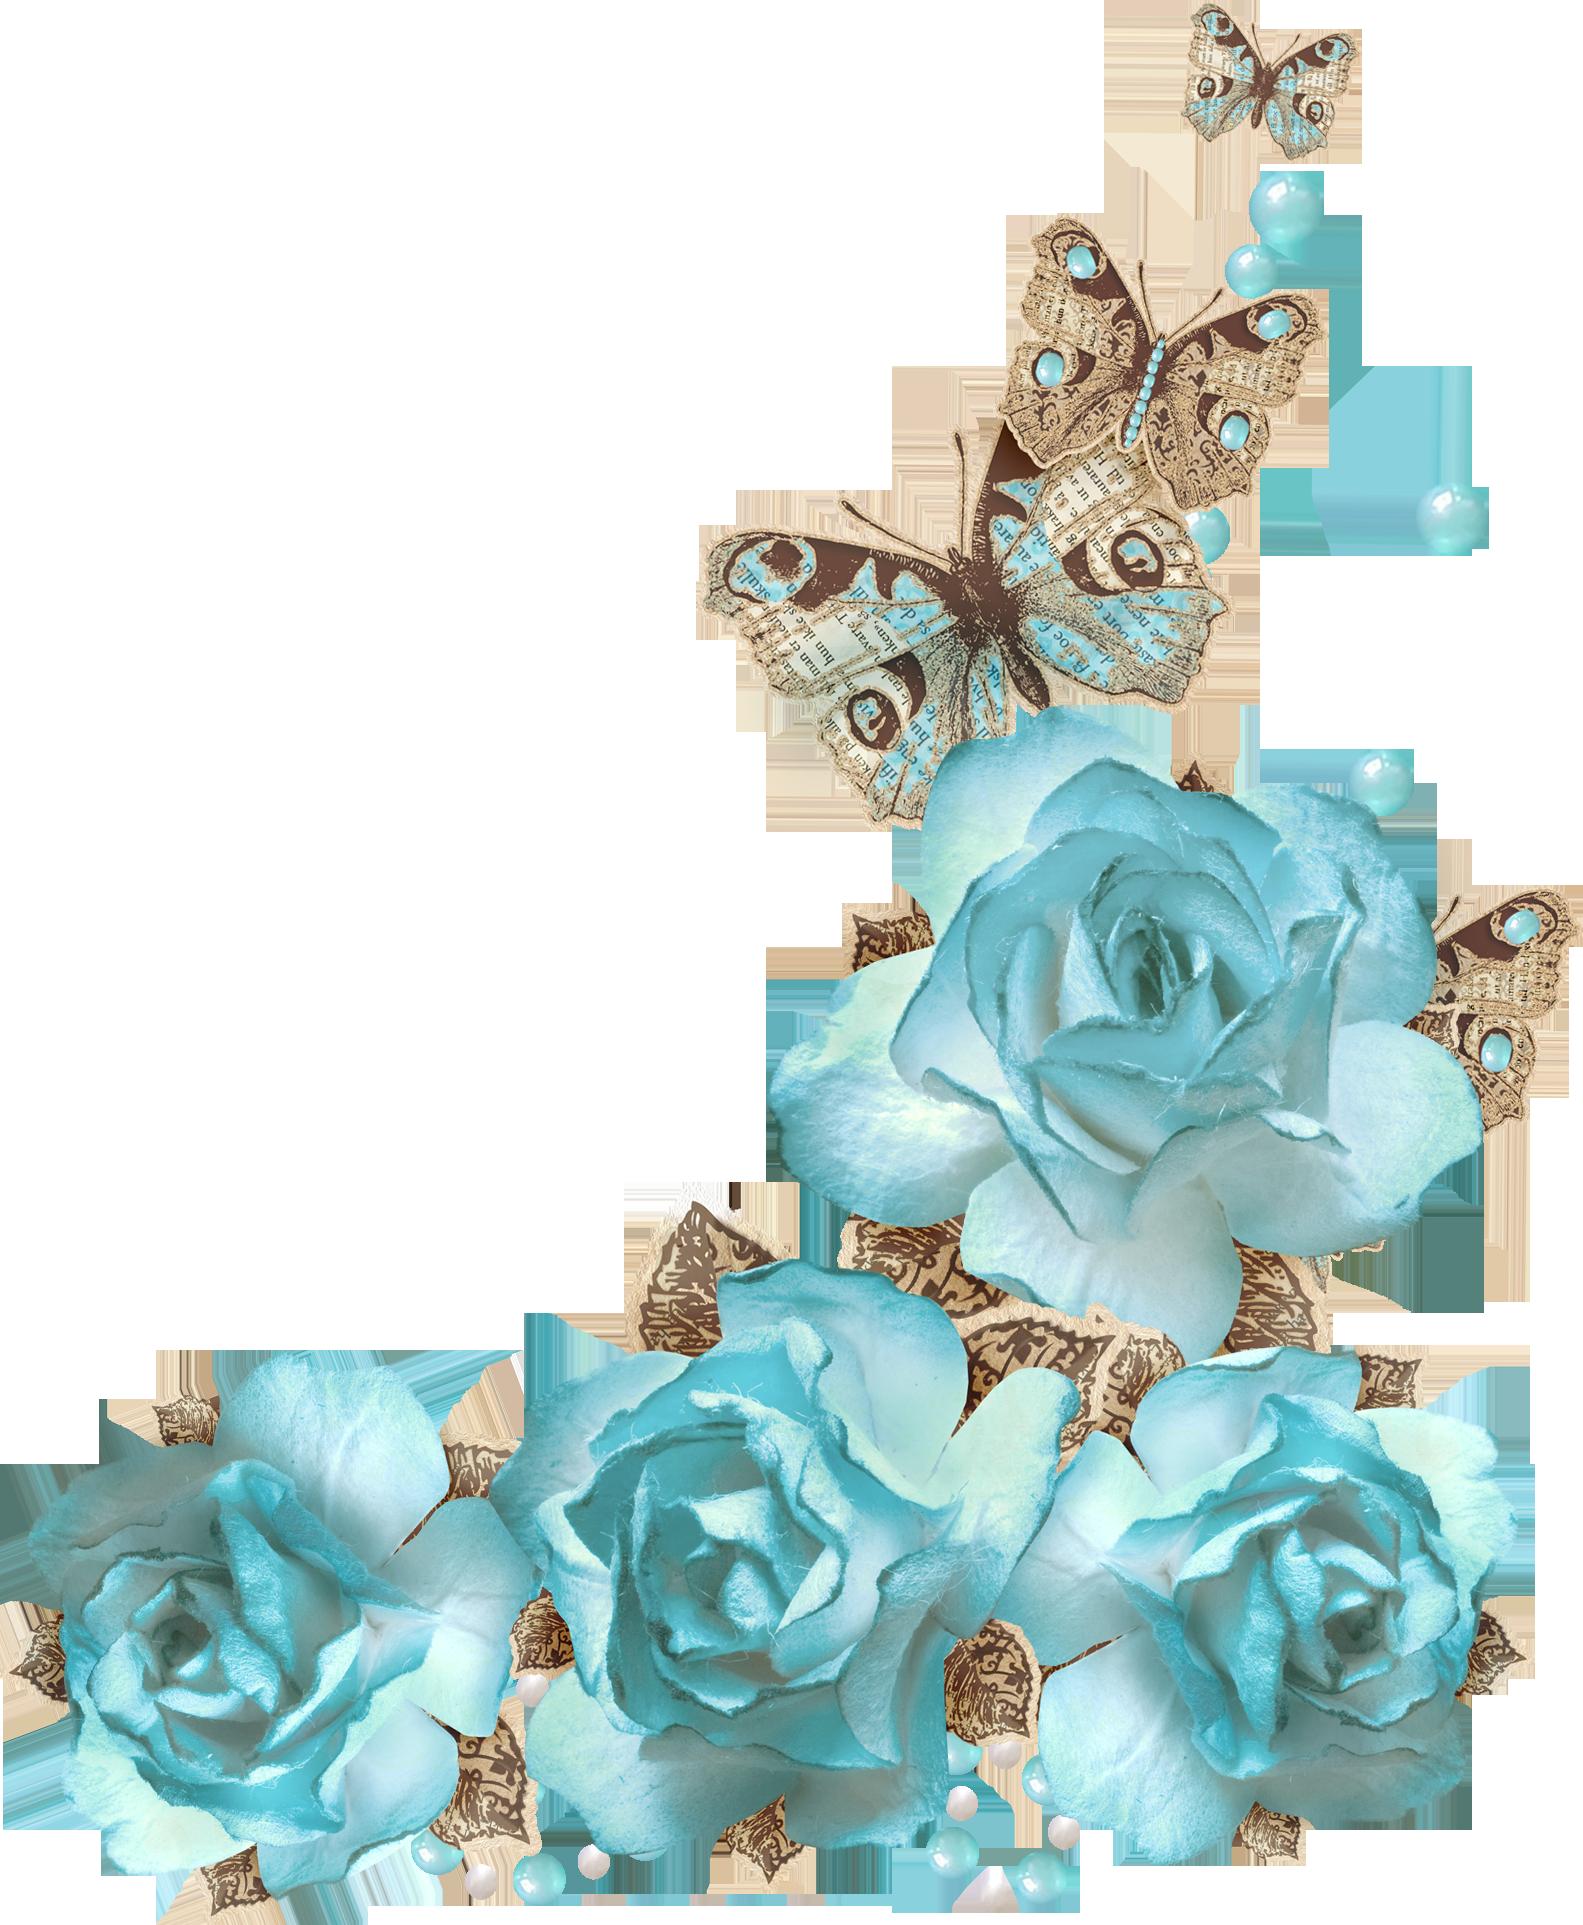 Открытки в бирюзовом цвете, раньше спать прикольные